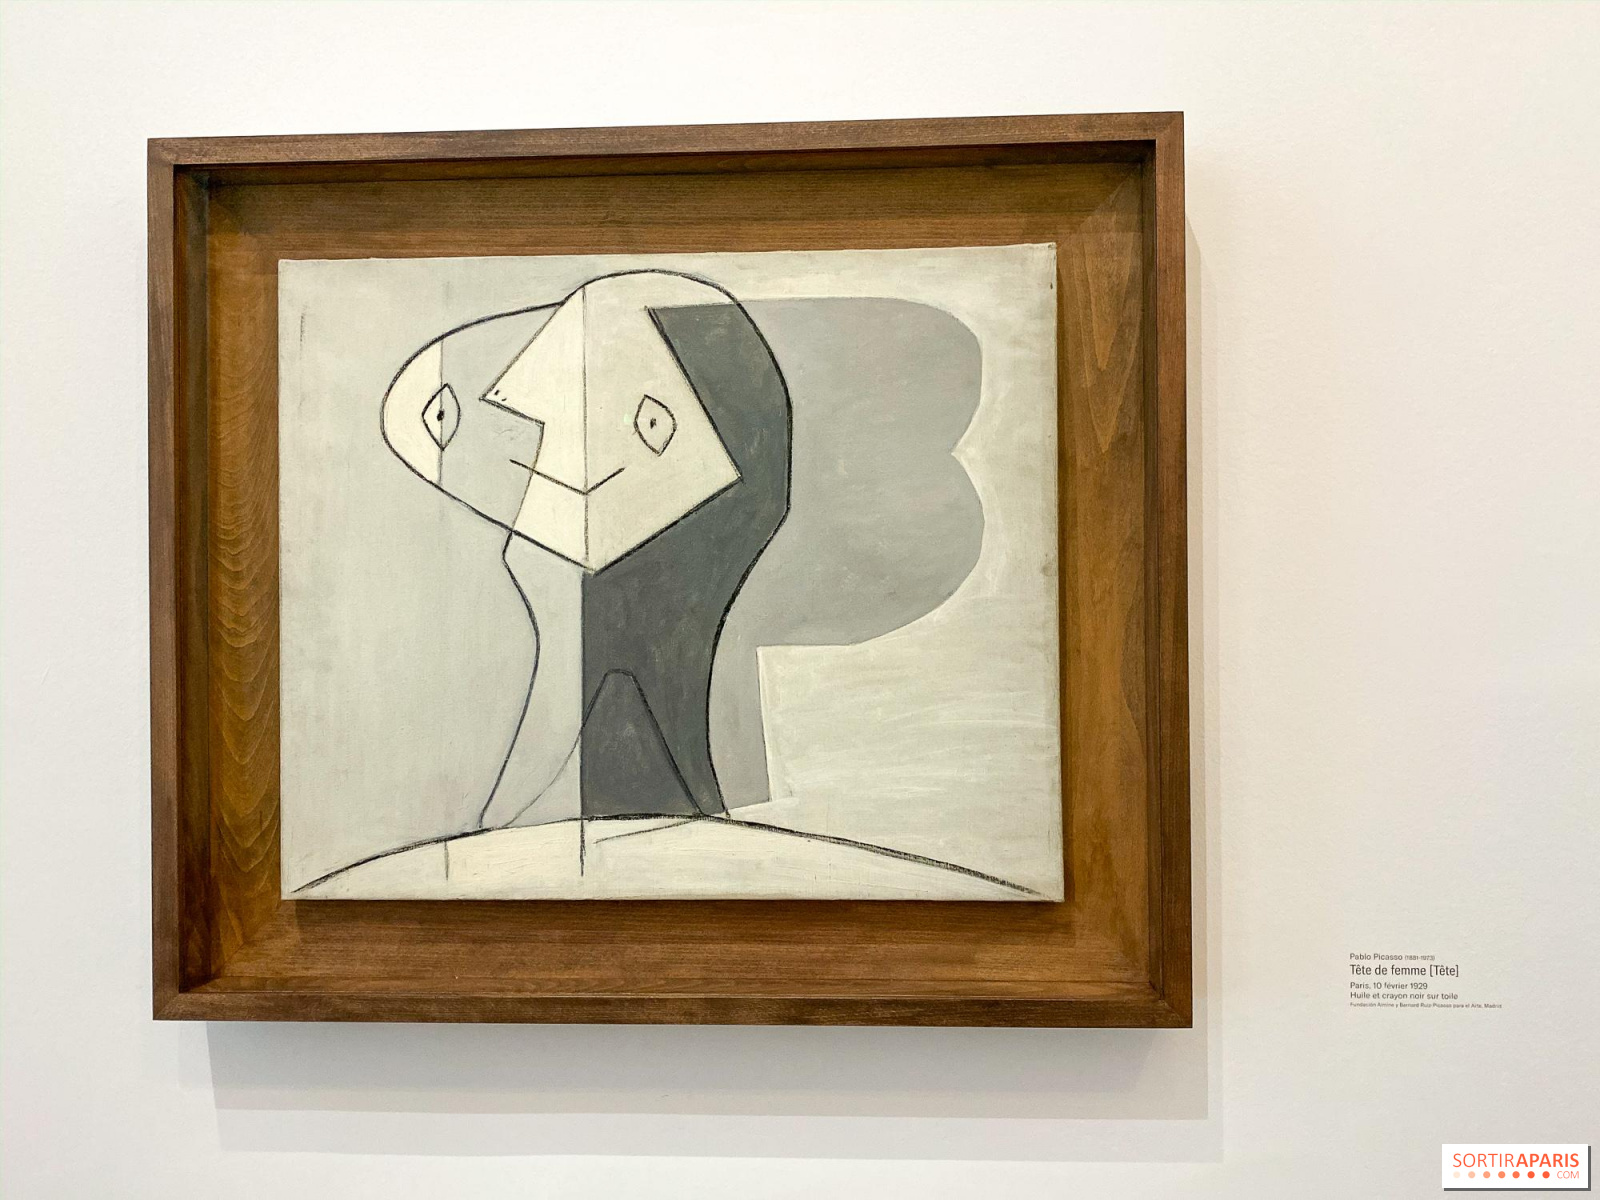 Picasso Tableaux Magiques Au Musee Picasso Photos Sortiraparis Com